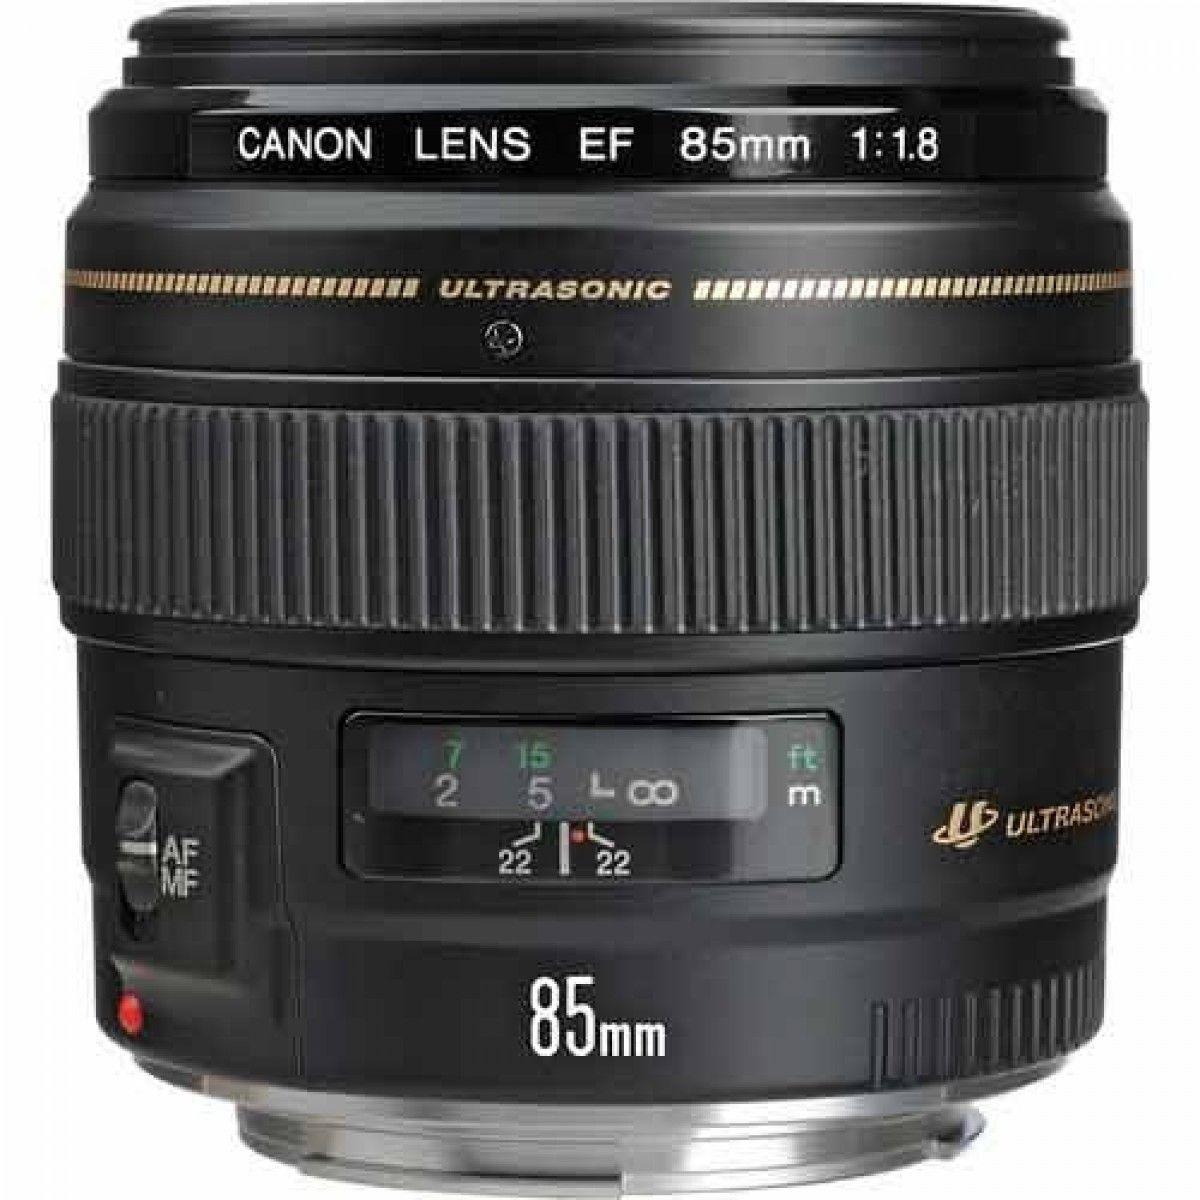 Canon EF 85mm f 1.8 USM Lens